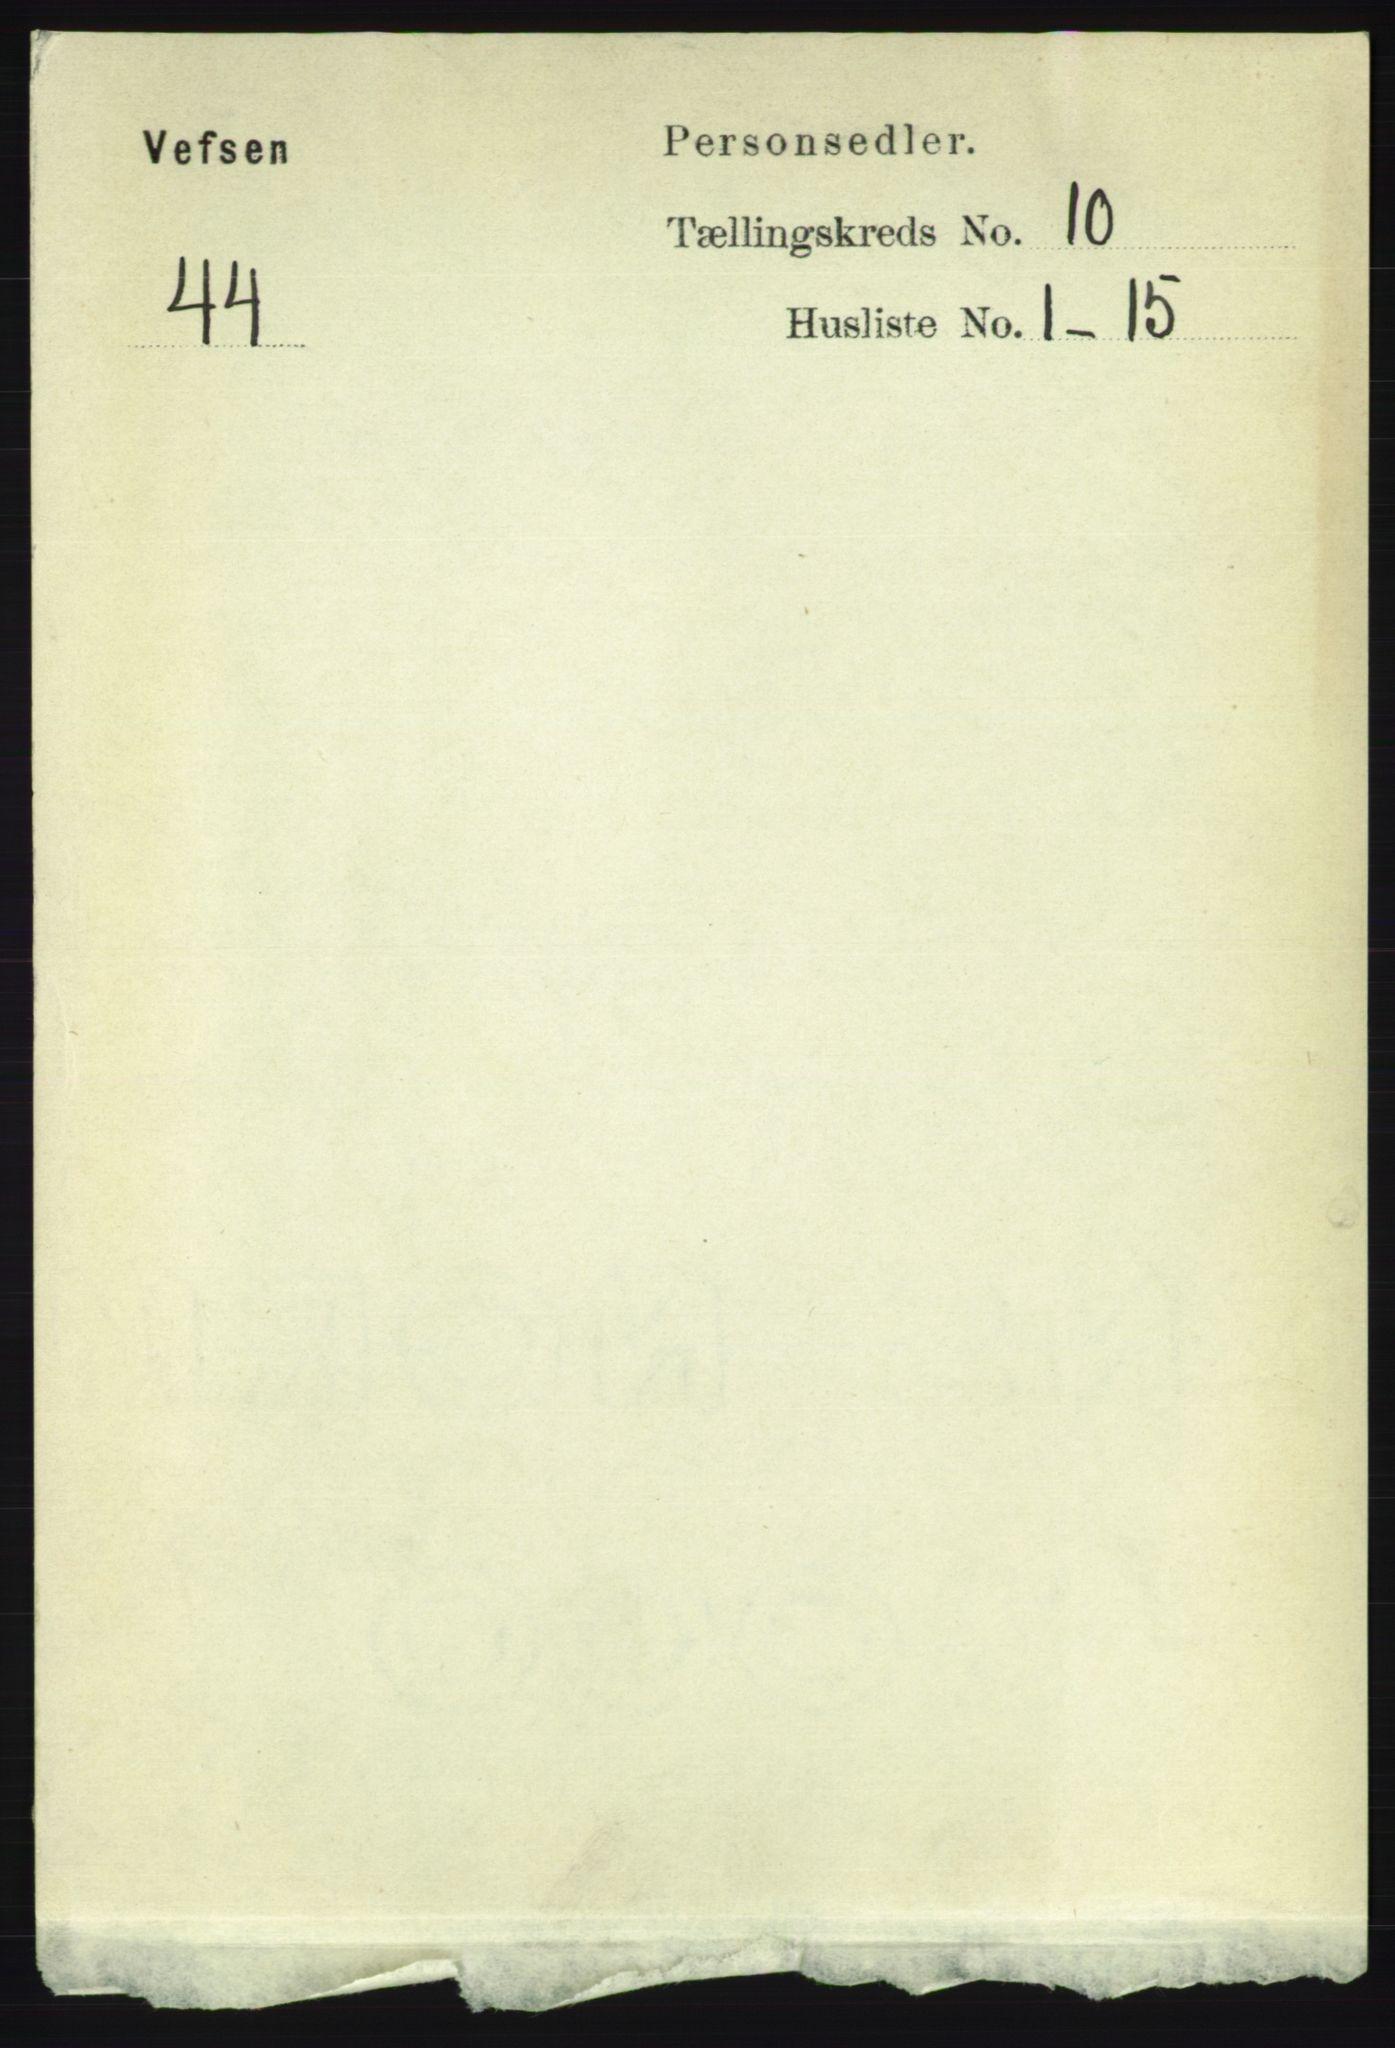 RA, Folketelling 1891 for 1824 Vefsn herred, 1891, s. 5192